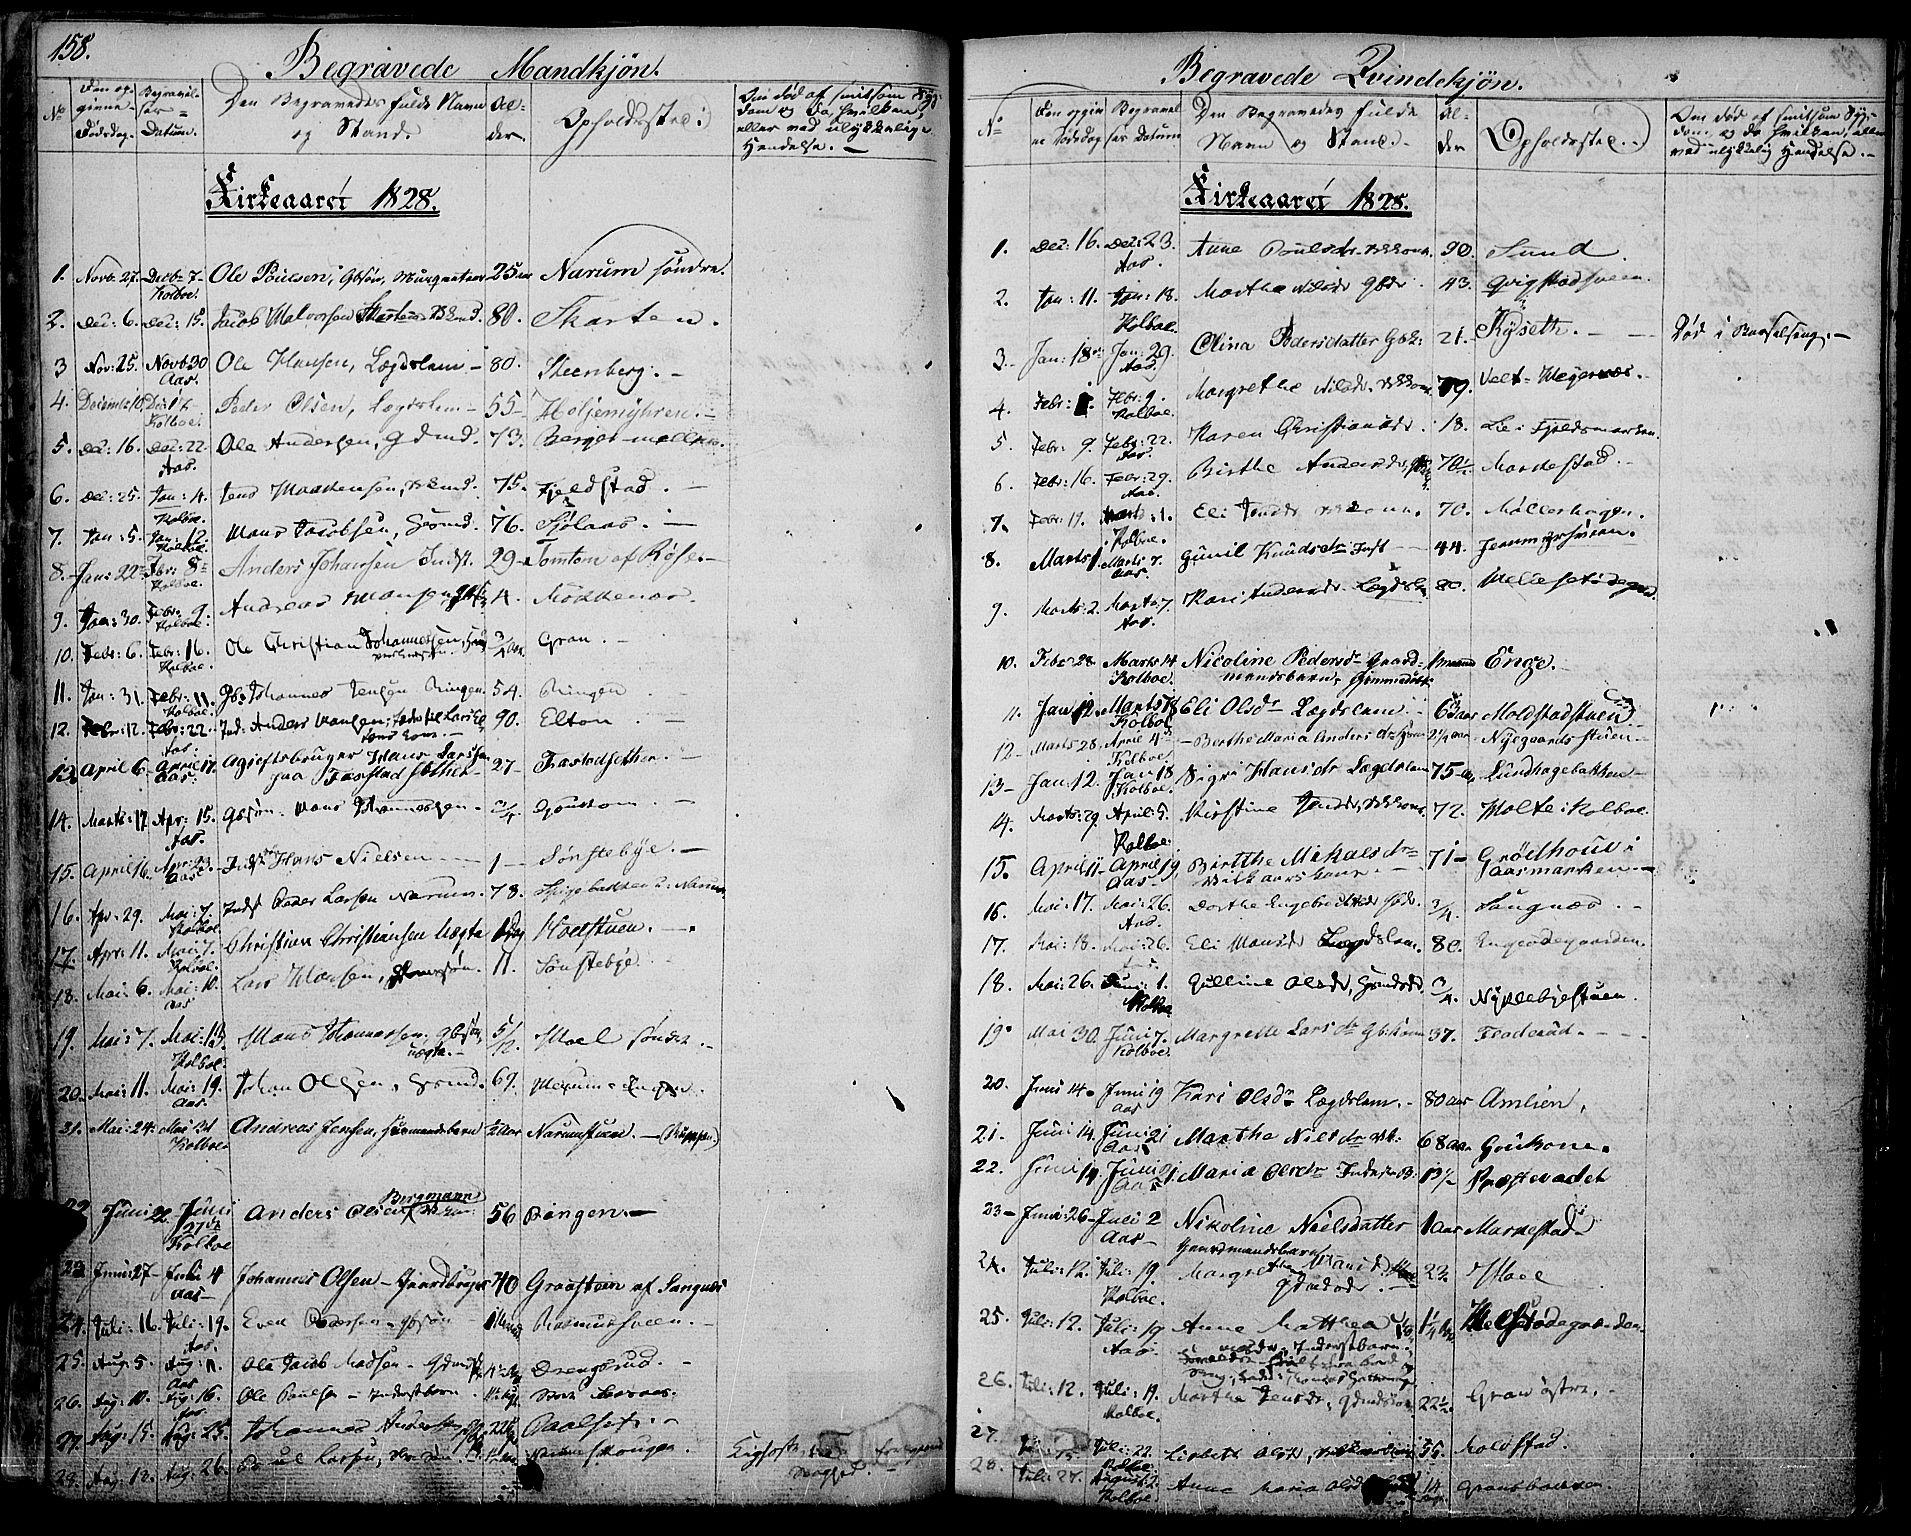 SAH, Vestre Toten prestekontor, Ministerialbok nr. 2, 1825-1837, s. 158